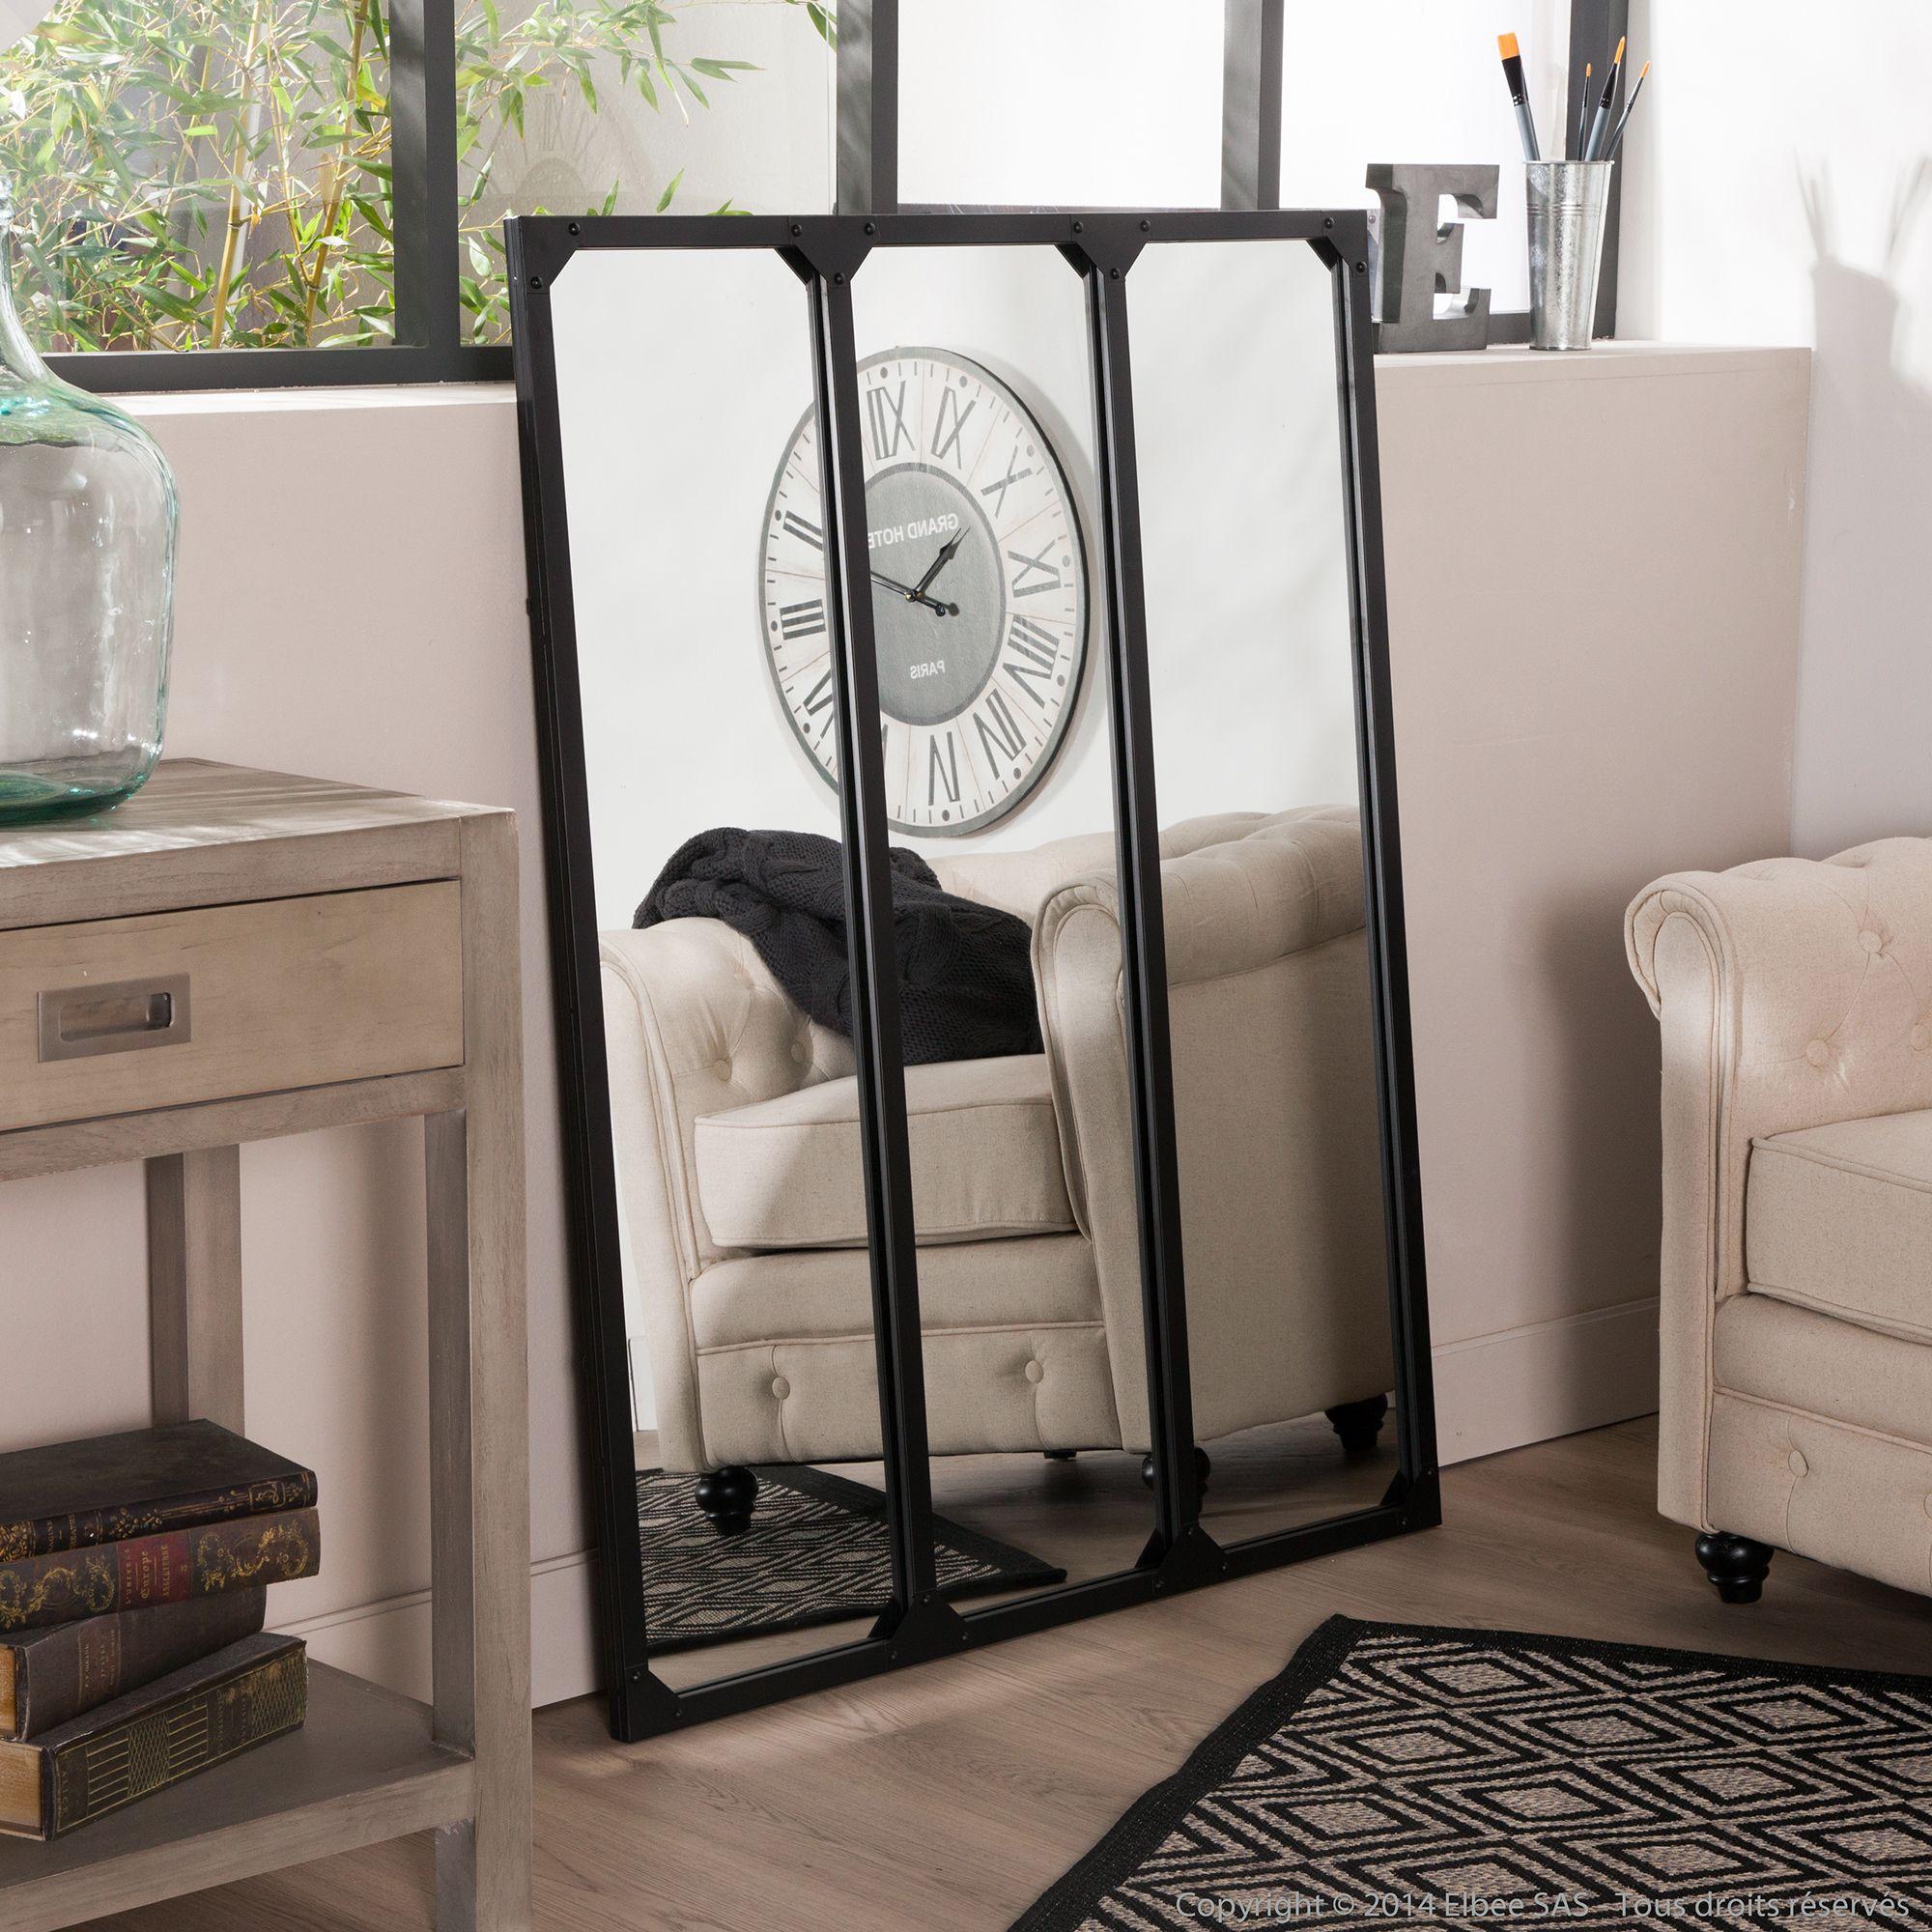 Miroir fen tre tryptique en m tal rectangulaire 120x95cm - Hauteur d un miroir de salle de bain ...